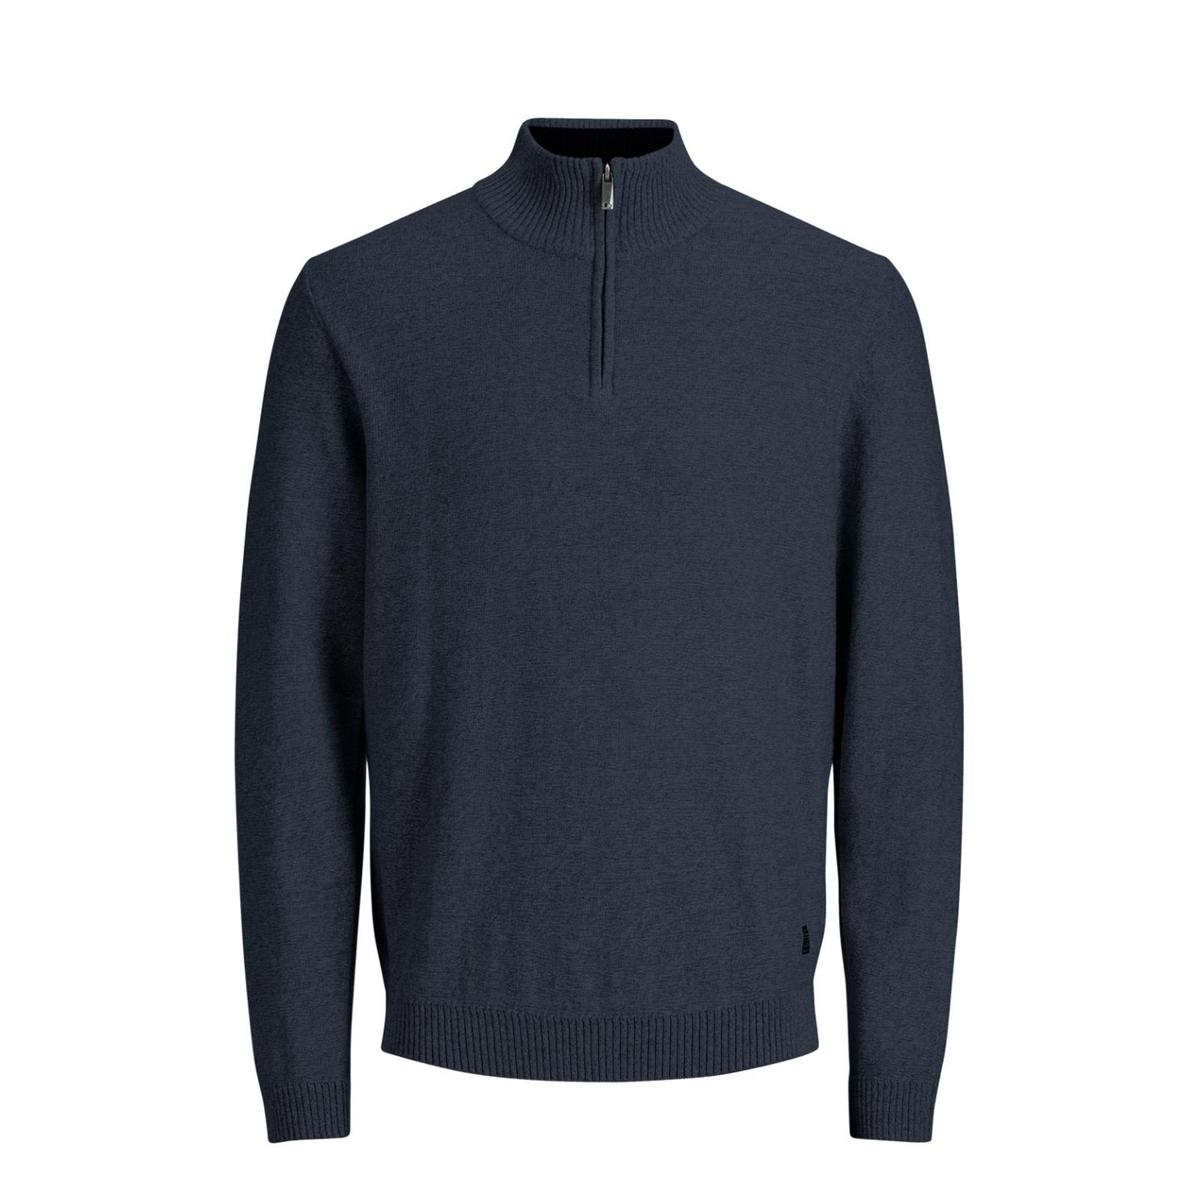 Пуловер с воротником-стойкой, из тонкого трикотажа